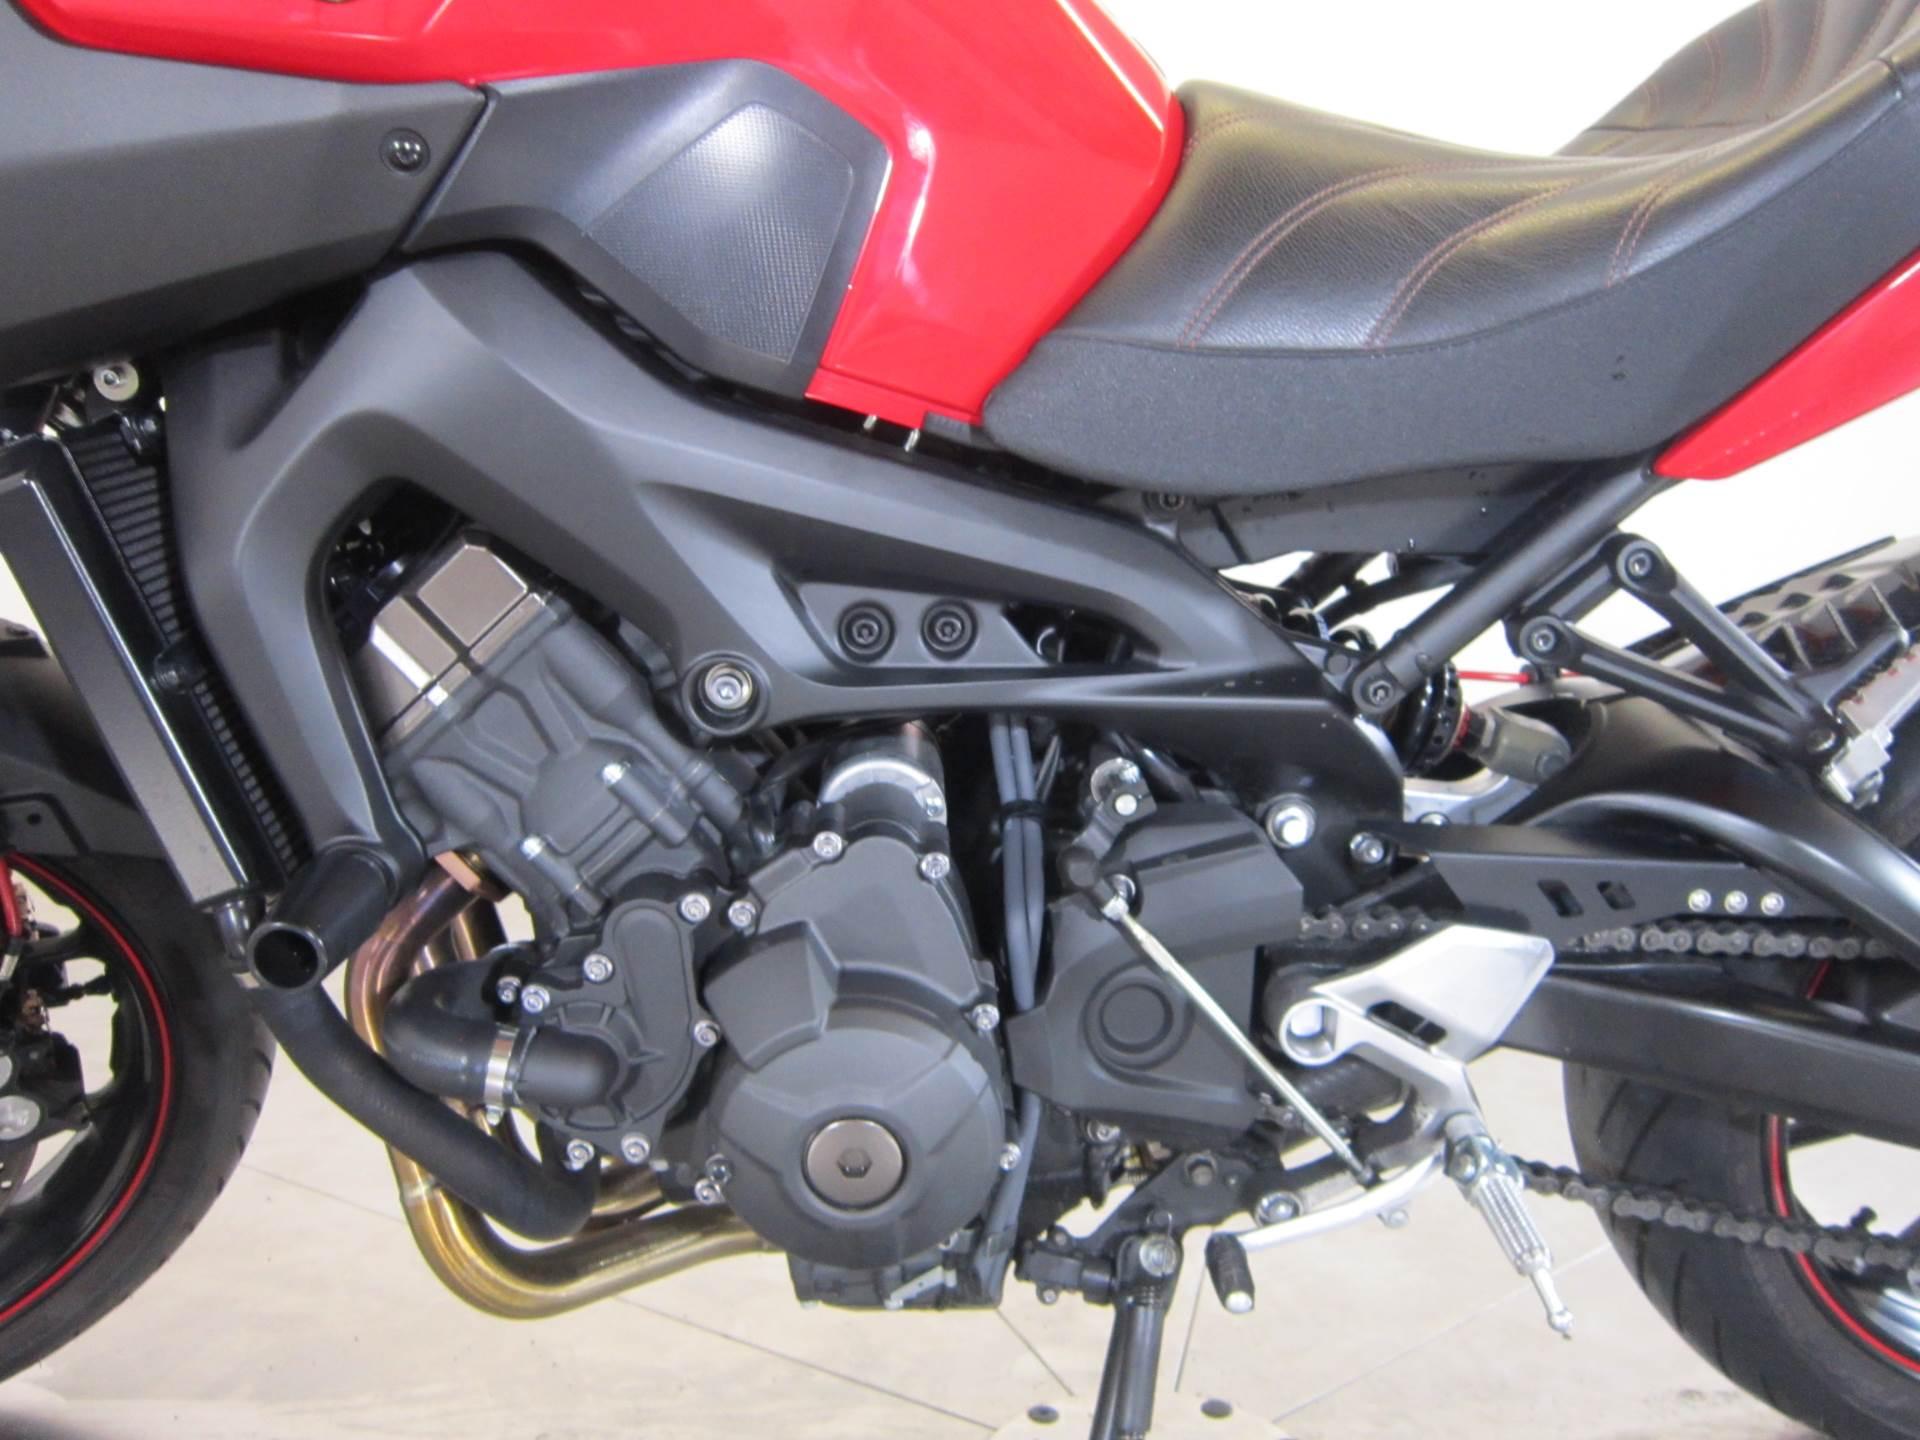 2014 Yamaha FZ-09 12